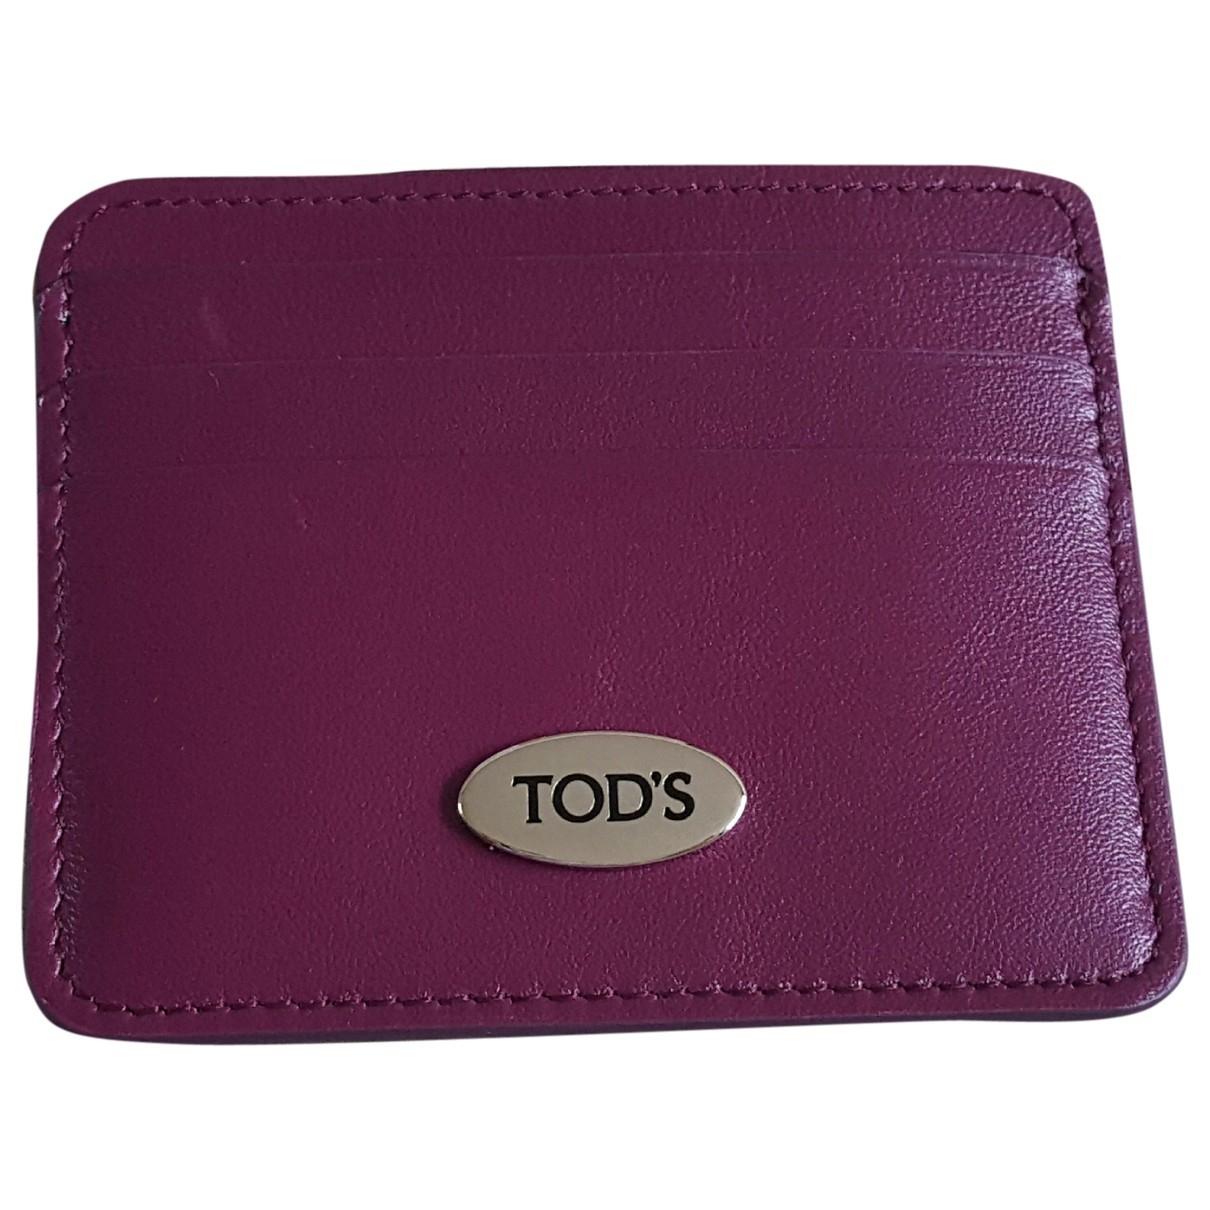 Tods - Petite maroquinerie   pour femme en cuir - violet